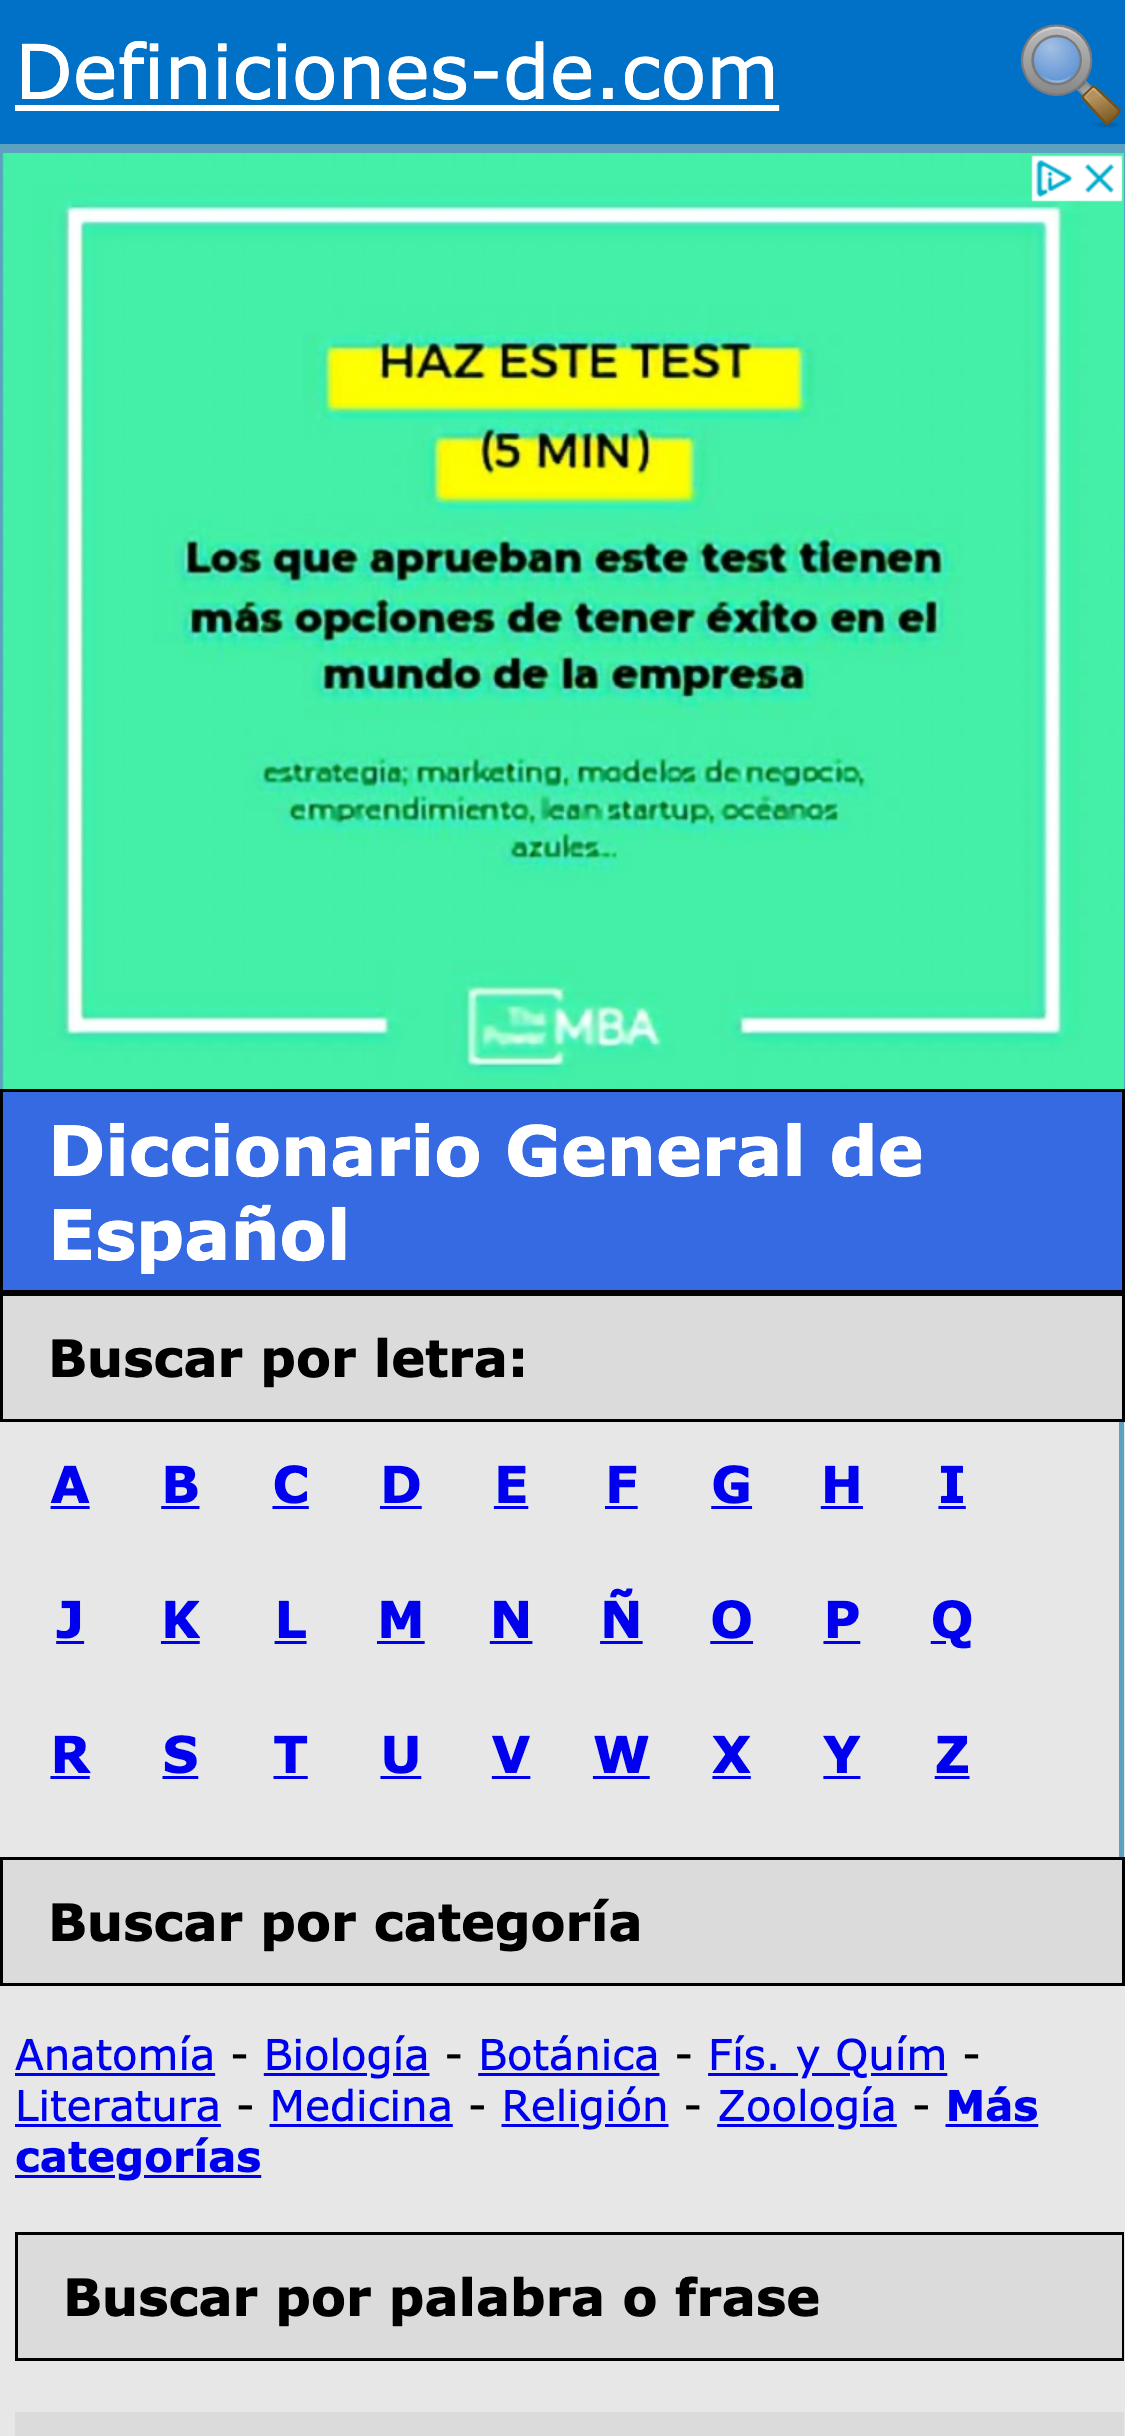 Aspecto mobile de la web definiciones-de.com